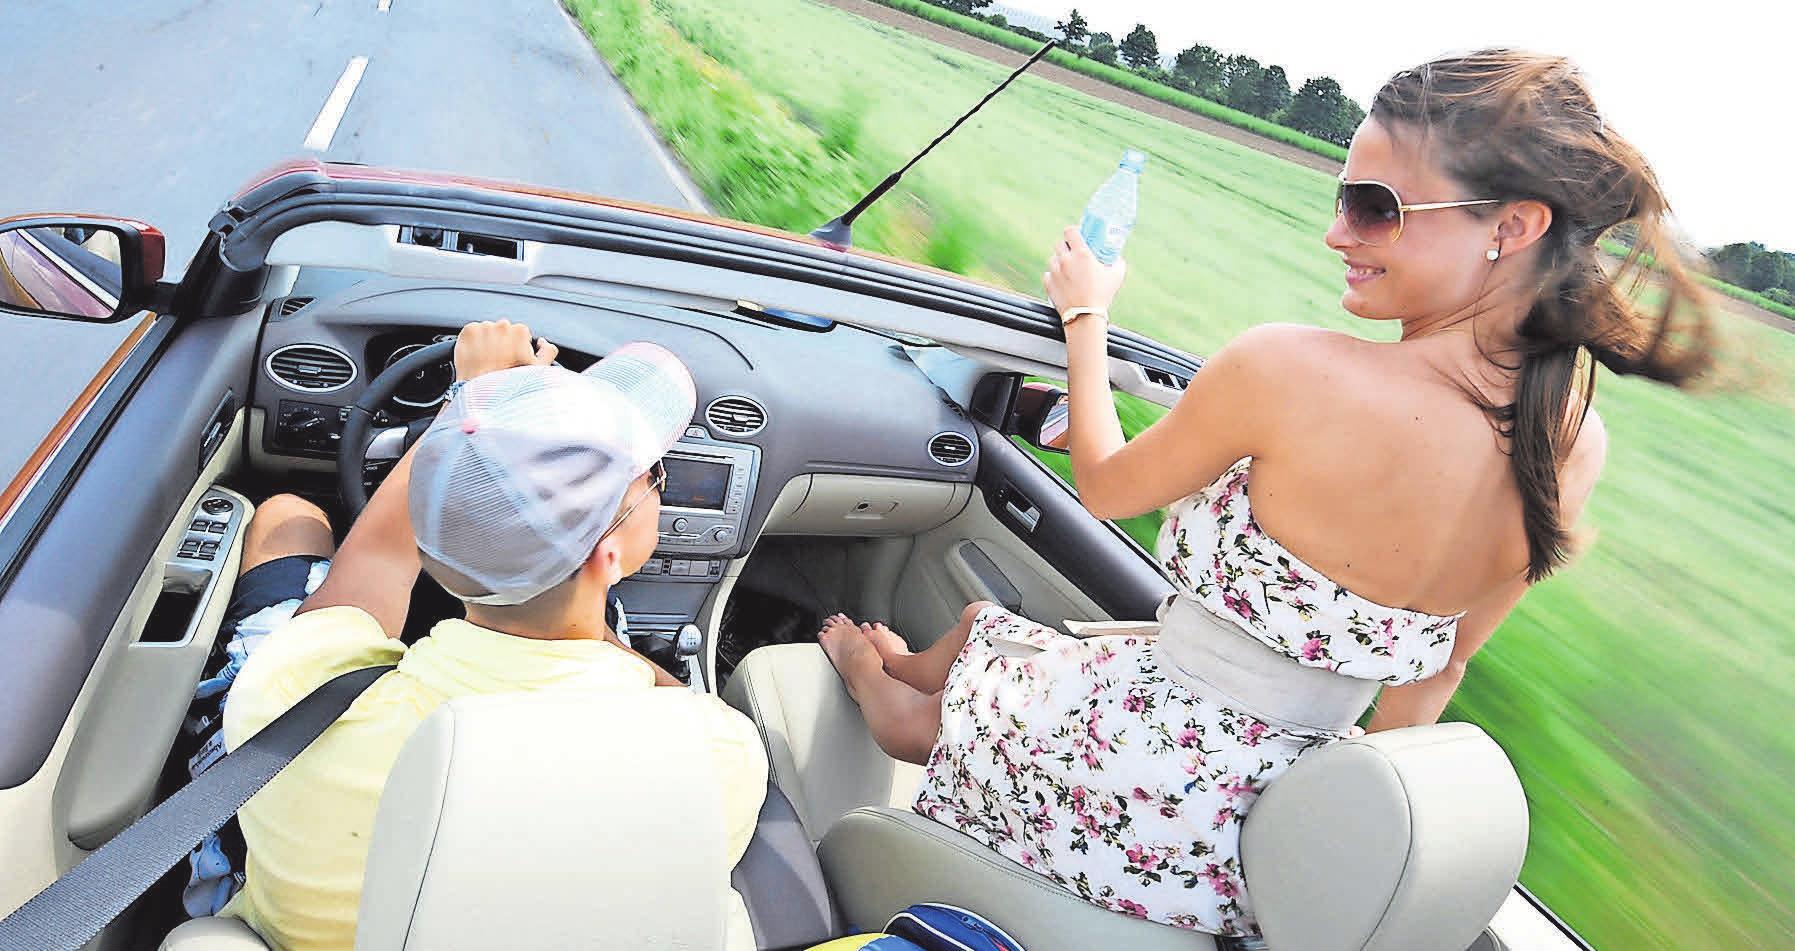 Waghalsige Sitzpositionen im Wagen können schwere Verletzungen zur Folge haben. Foto: Allianz